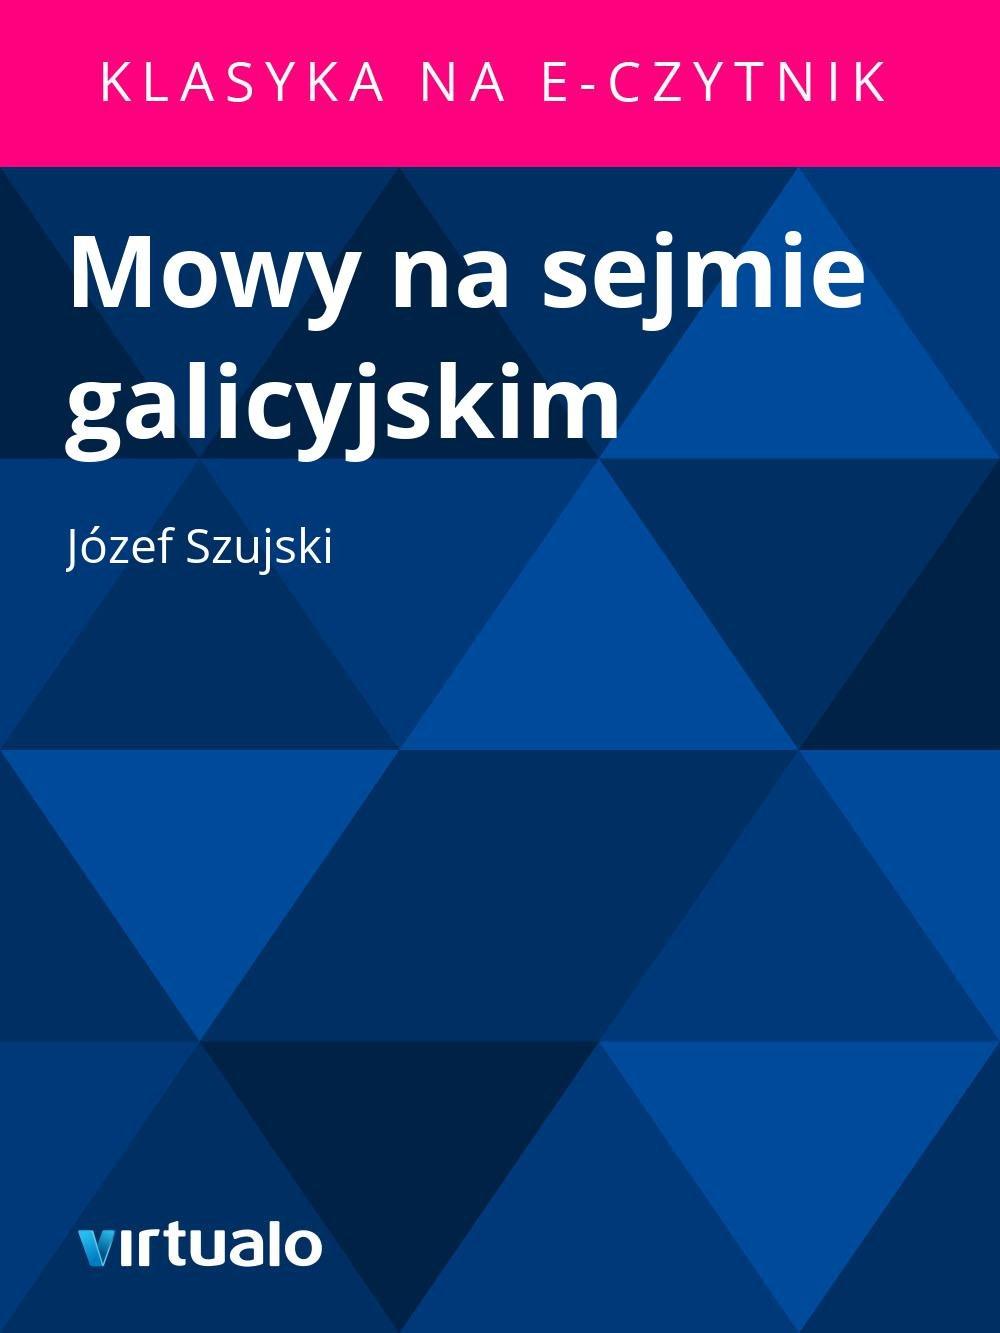 Mowy na sejmie galicyjskim - Ebook (Książka EPUB) do pobrania w formacie EPUB